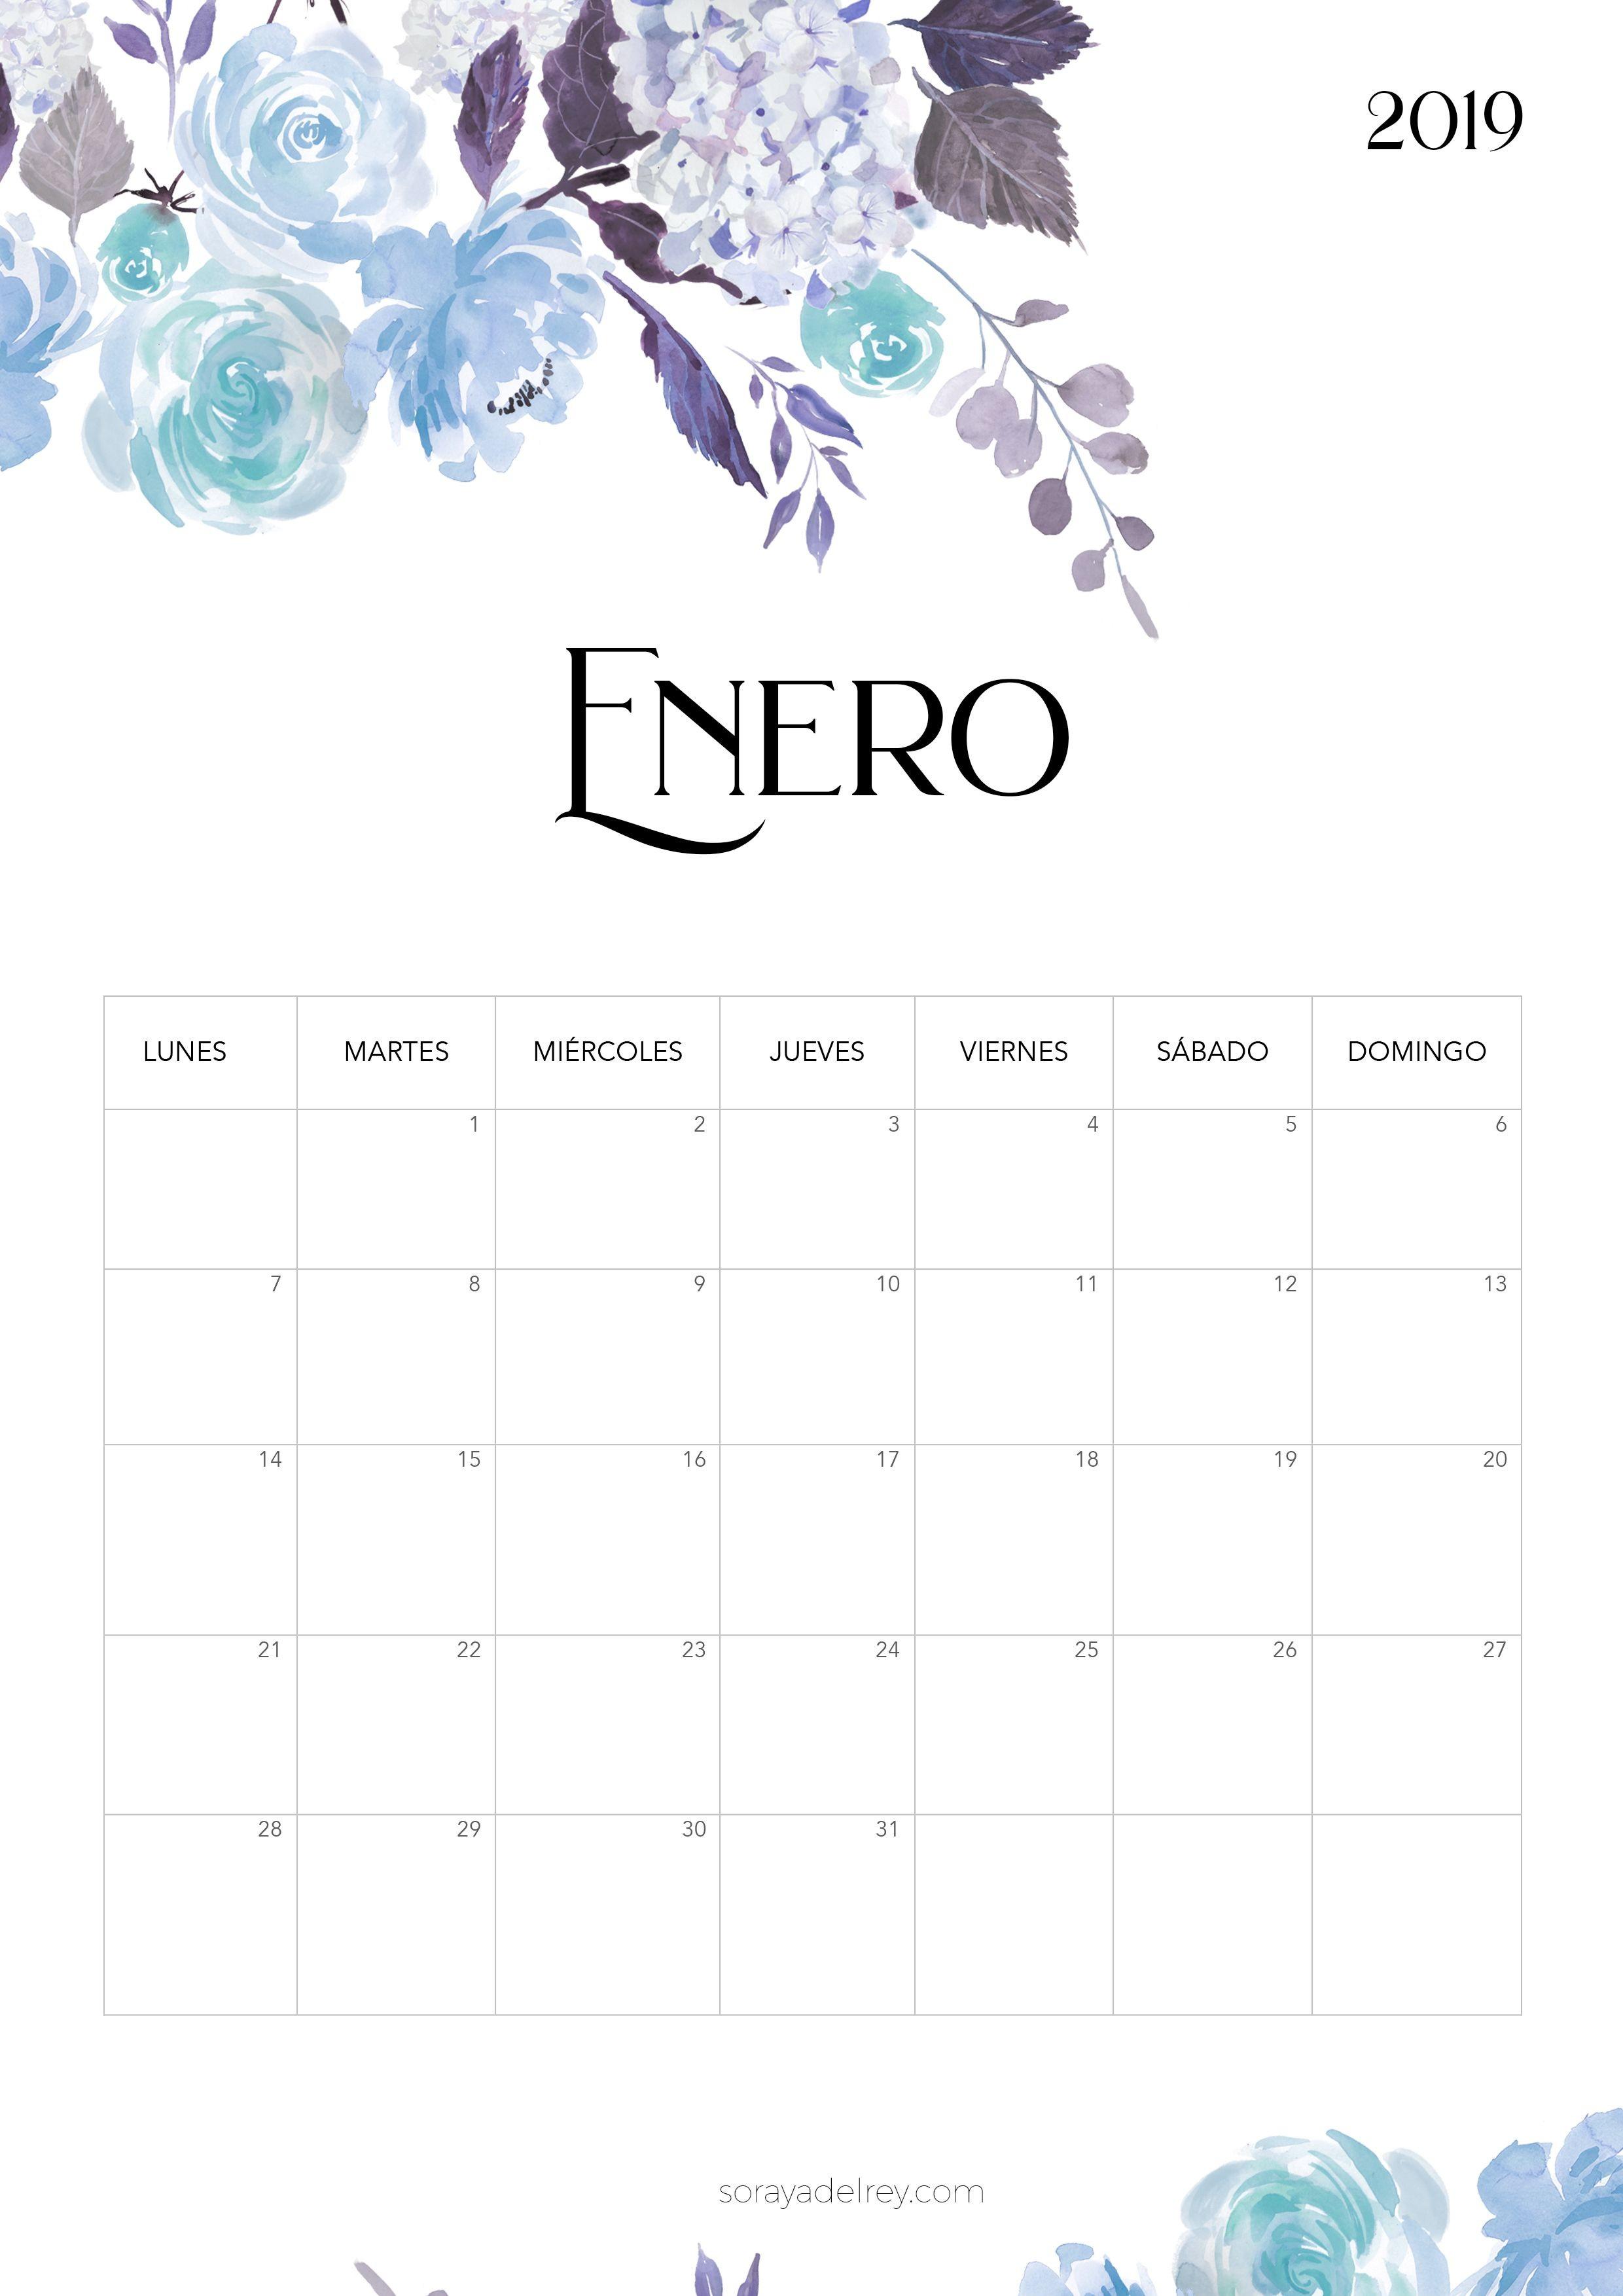 Calendario 2019 Para Imprimir Pdf Más Recientes Calendario Para Imprimir 2018 2019 Calendario Of Calendario 2019 Para Imprimir Pdf Más Actual Noticias Imprimir Calendario 2019 Argentina Con Feriados